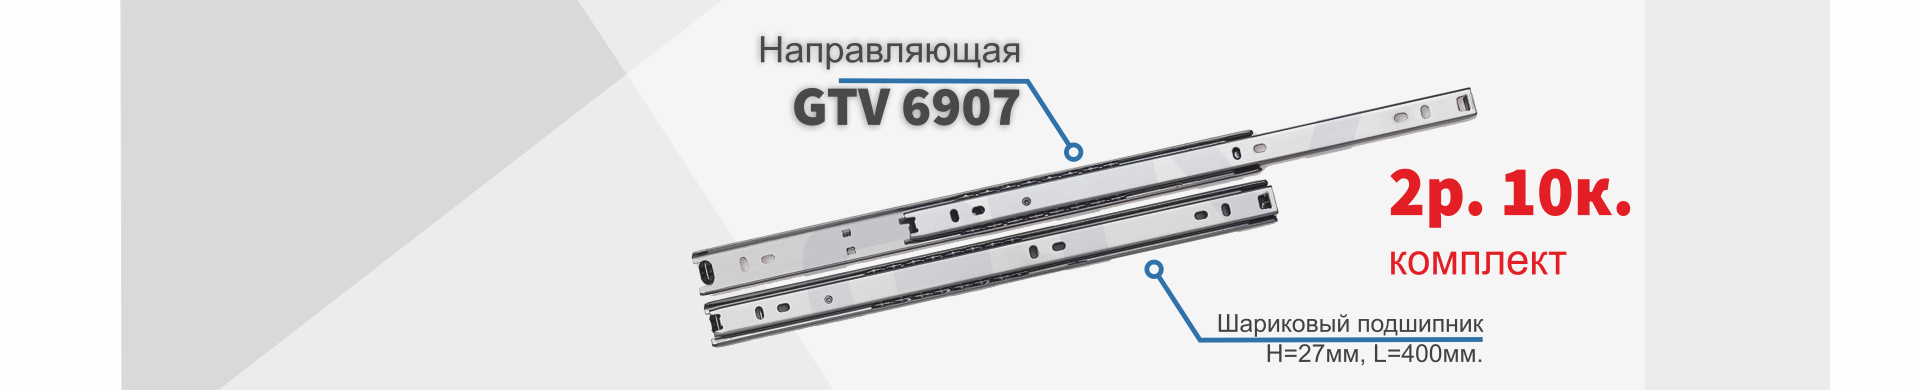 СУПЕРПРЕДЛОЖЕНИЕ GTV -40%!